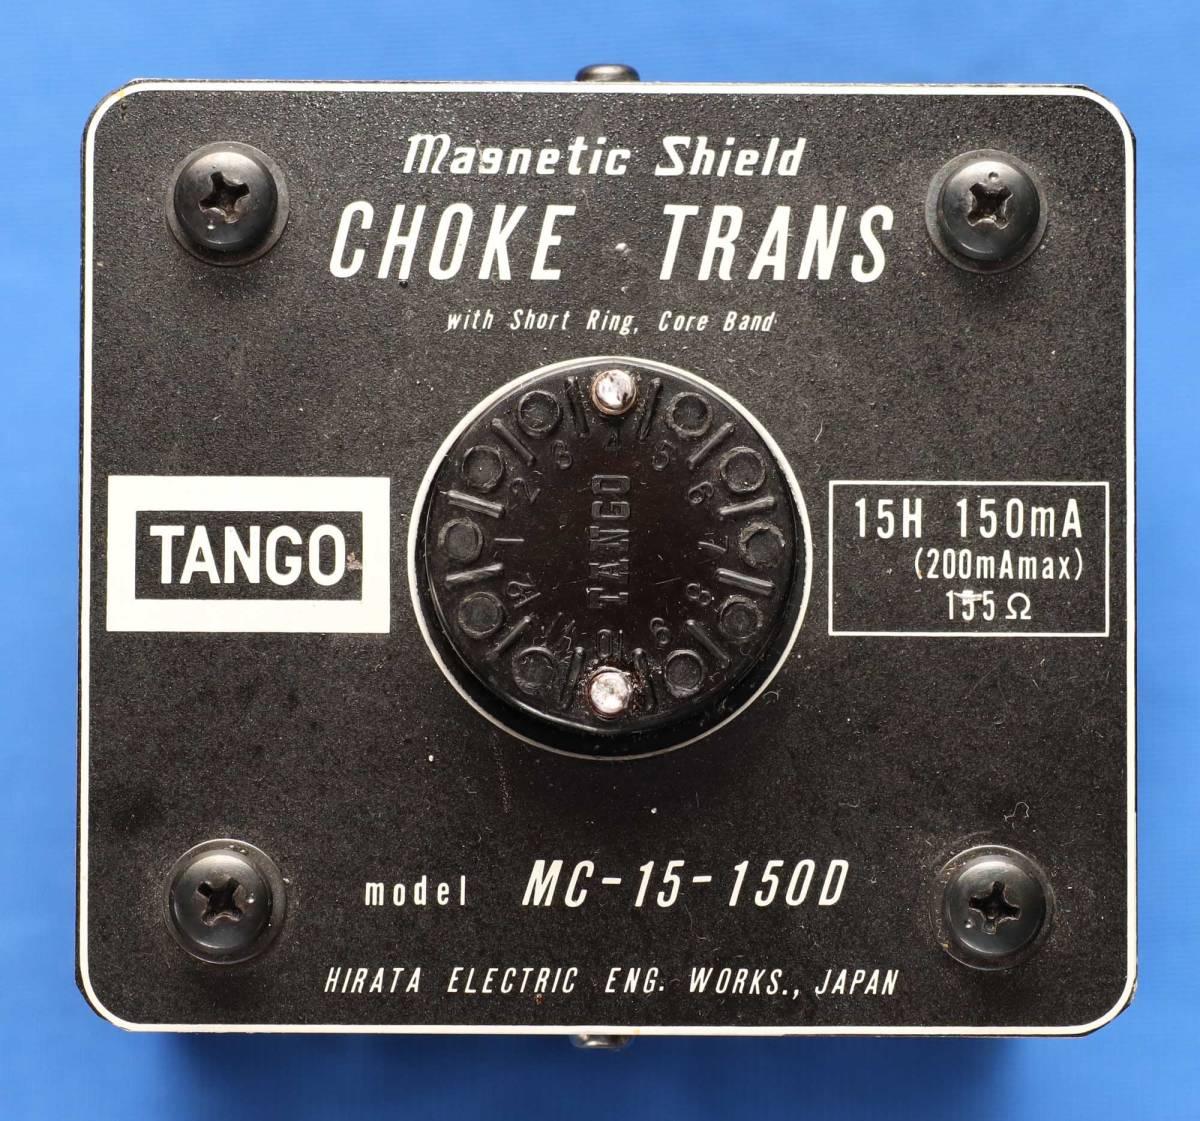 タンゴTANGOシングル出力トランスFW-20Sペアー+チョークトランスMC-15ー150D_画像6